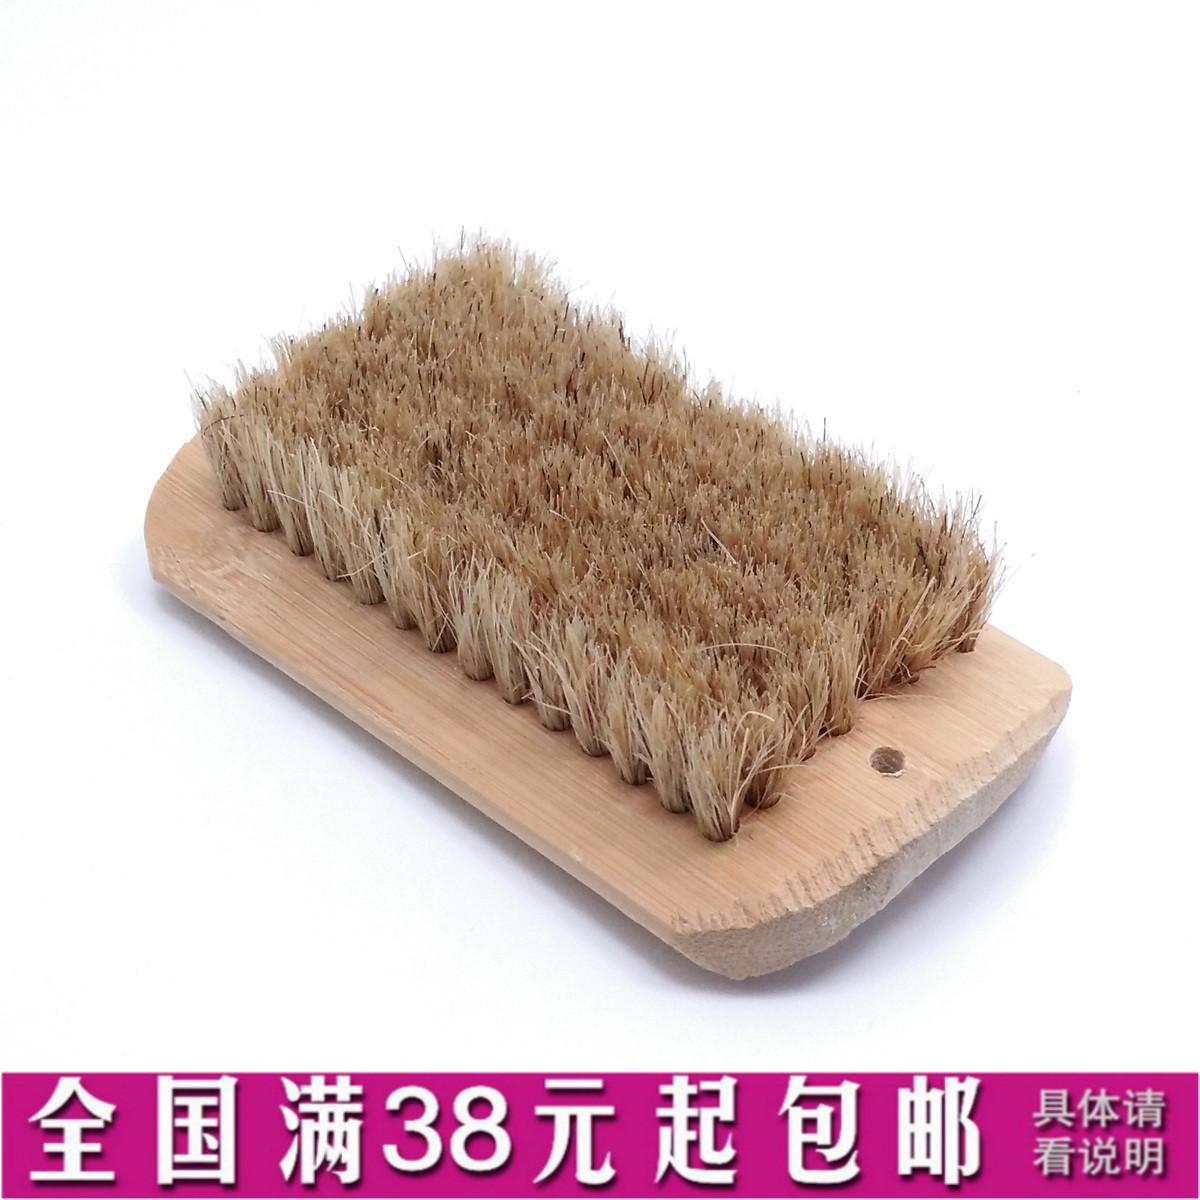 天然竹制纯猪鬃毛刷软毛刷洗衣服刷子洗鞋刷清洗竹板刷不伤衣服